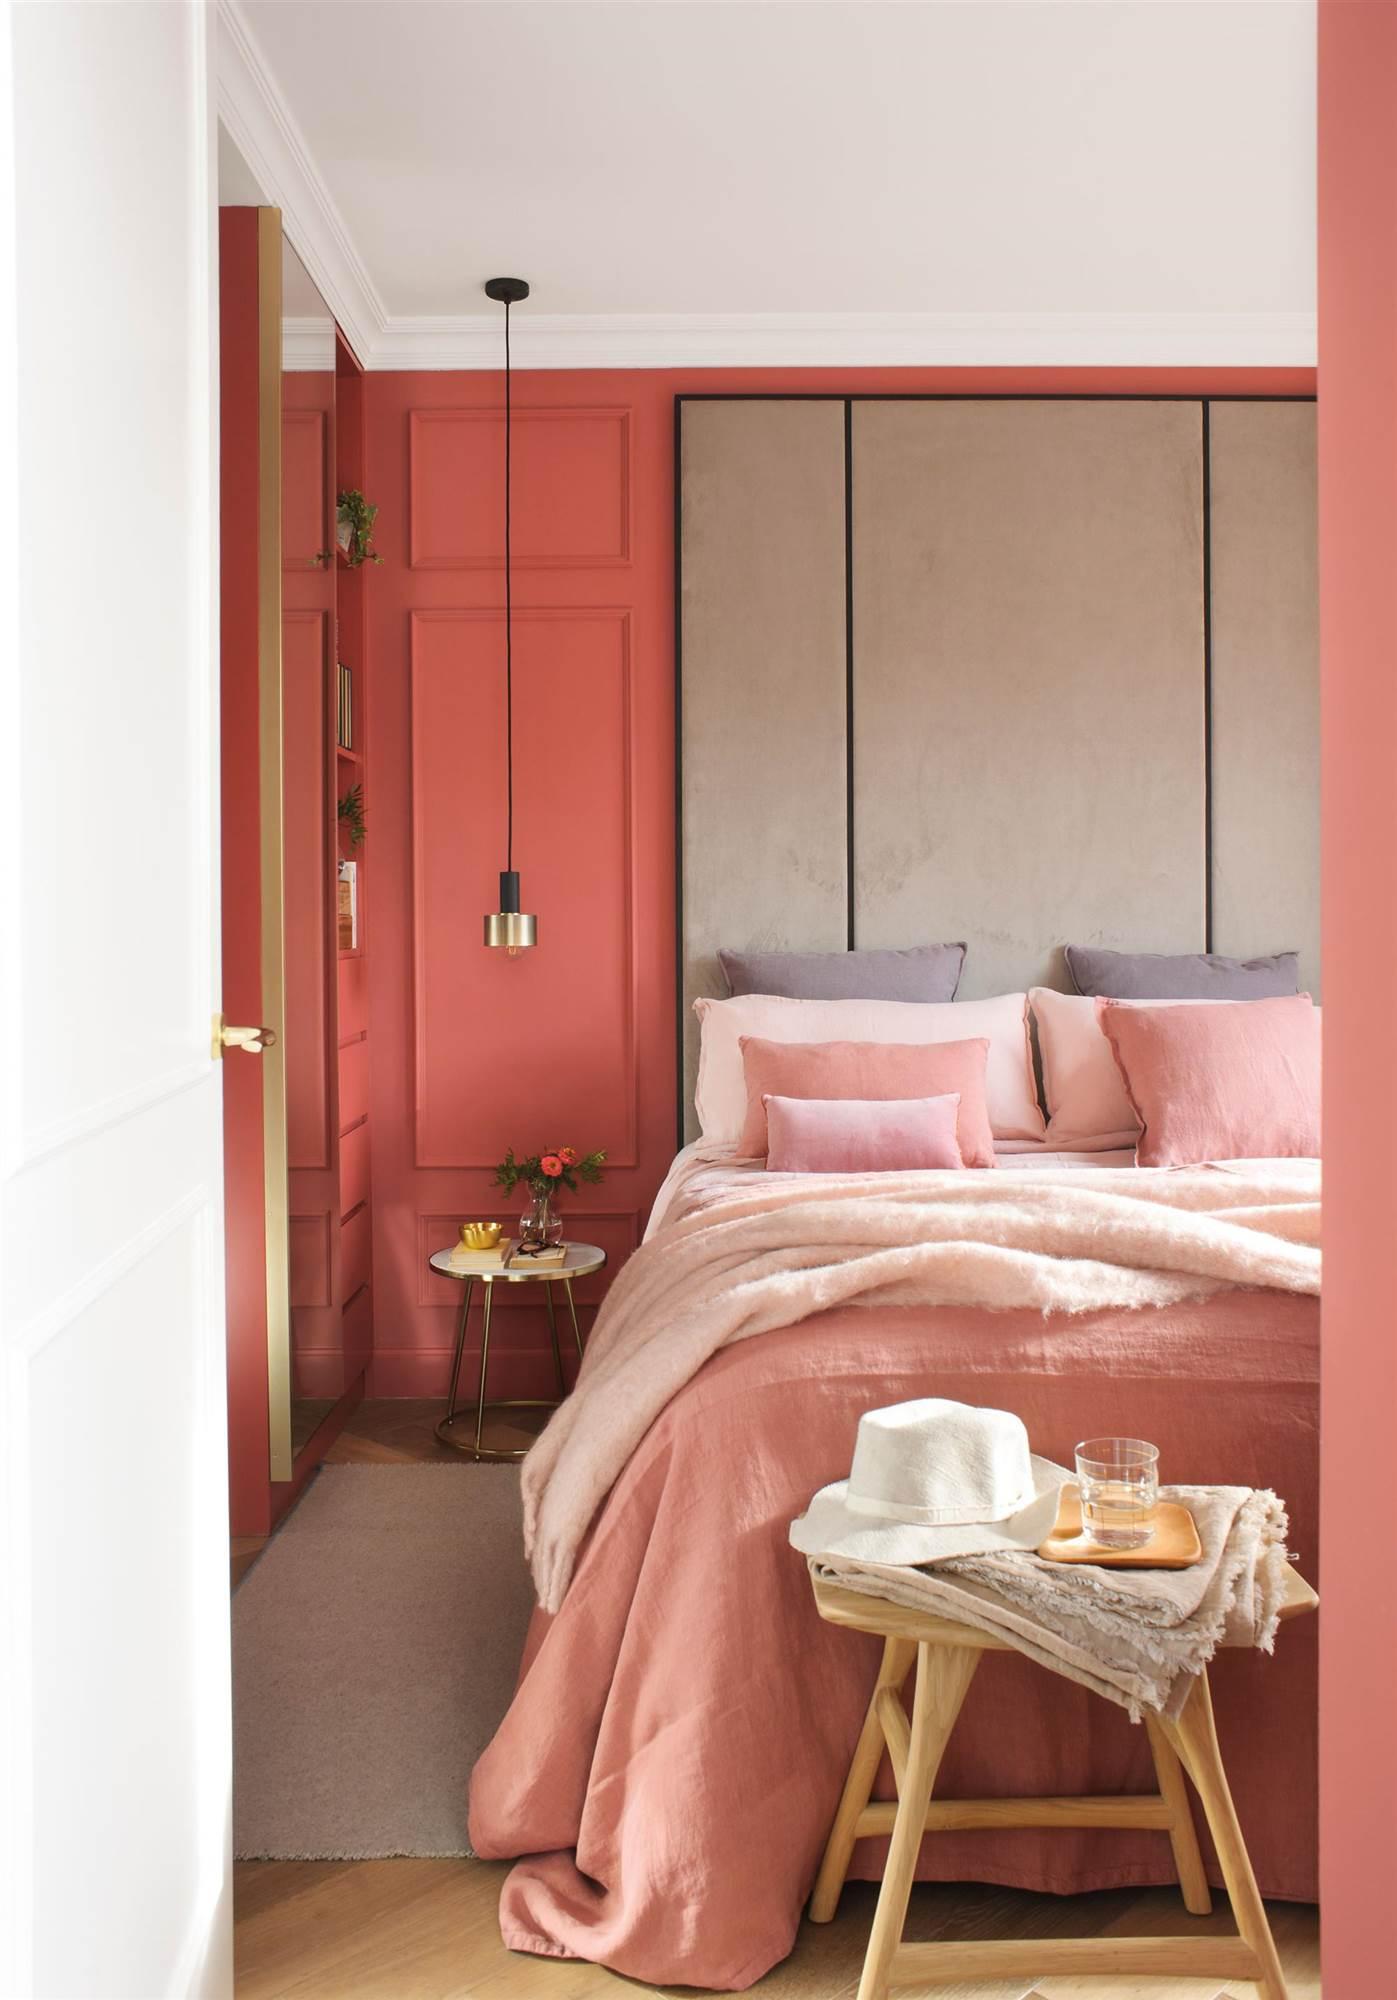 Los colores perfectos para pintar las paredes del dormitorio - Colores para pintar una entrada ...